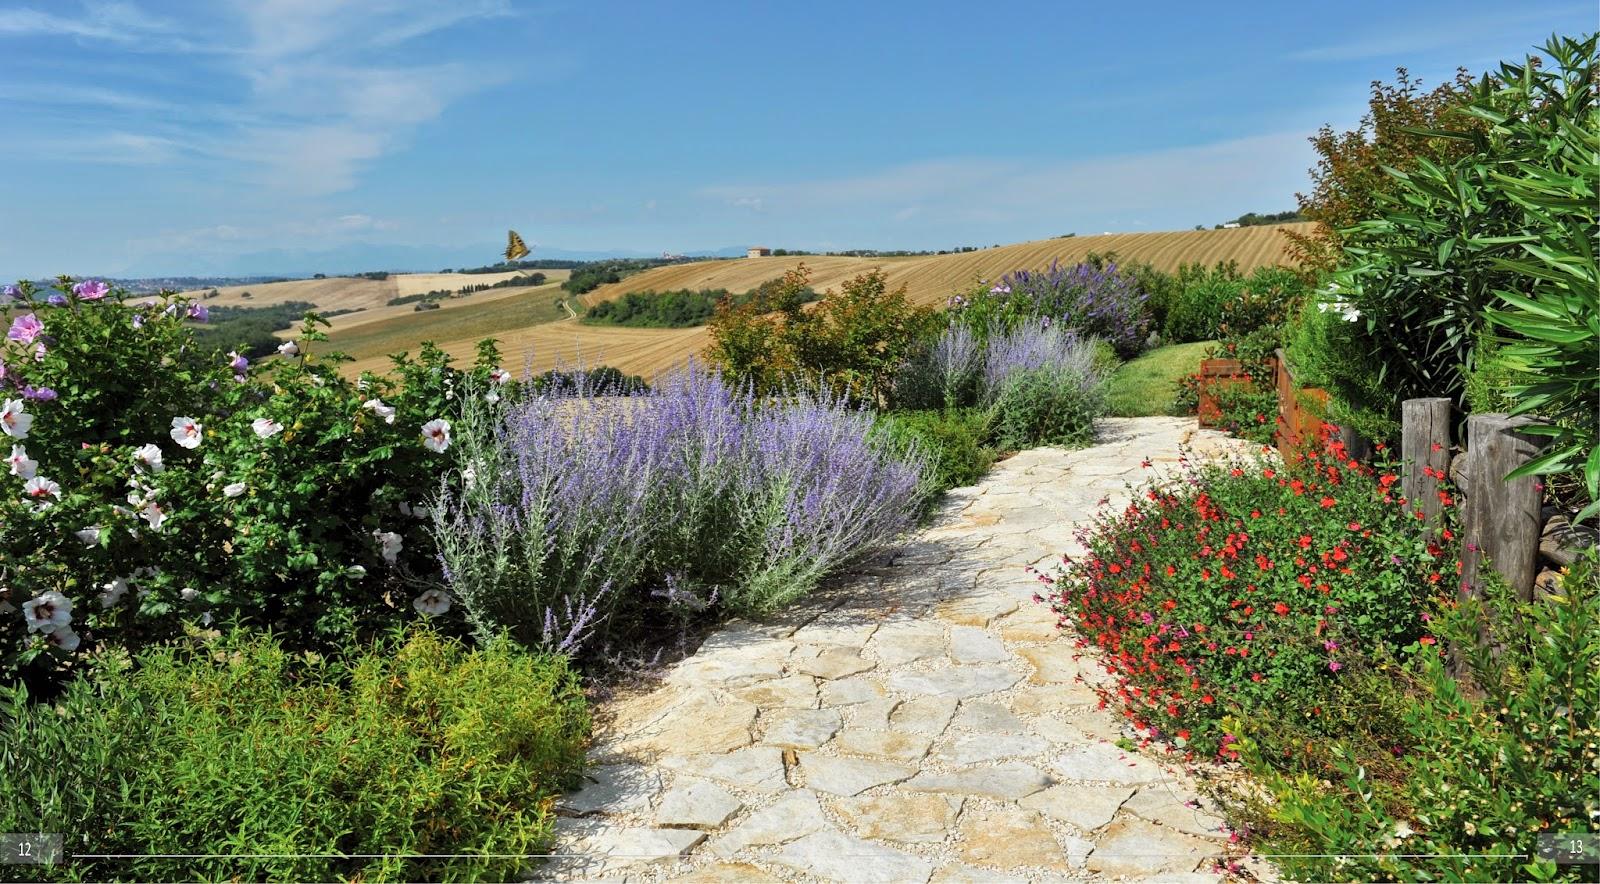 Giardini da vivere di luigina giordani - Giardini mediterranei ...